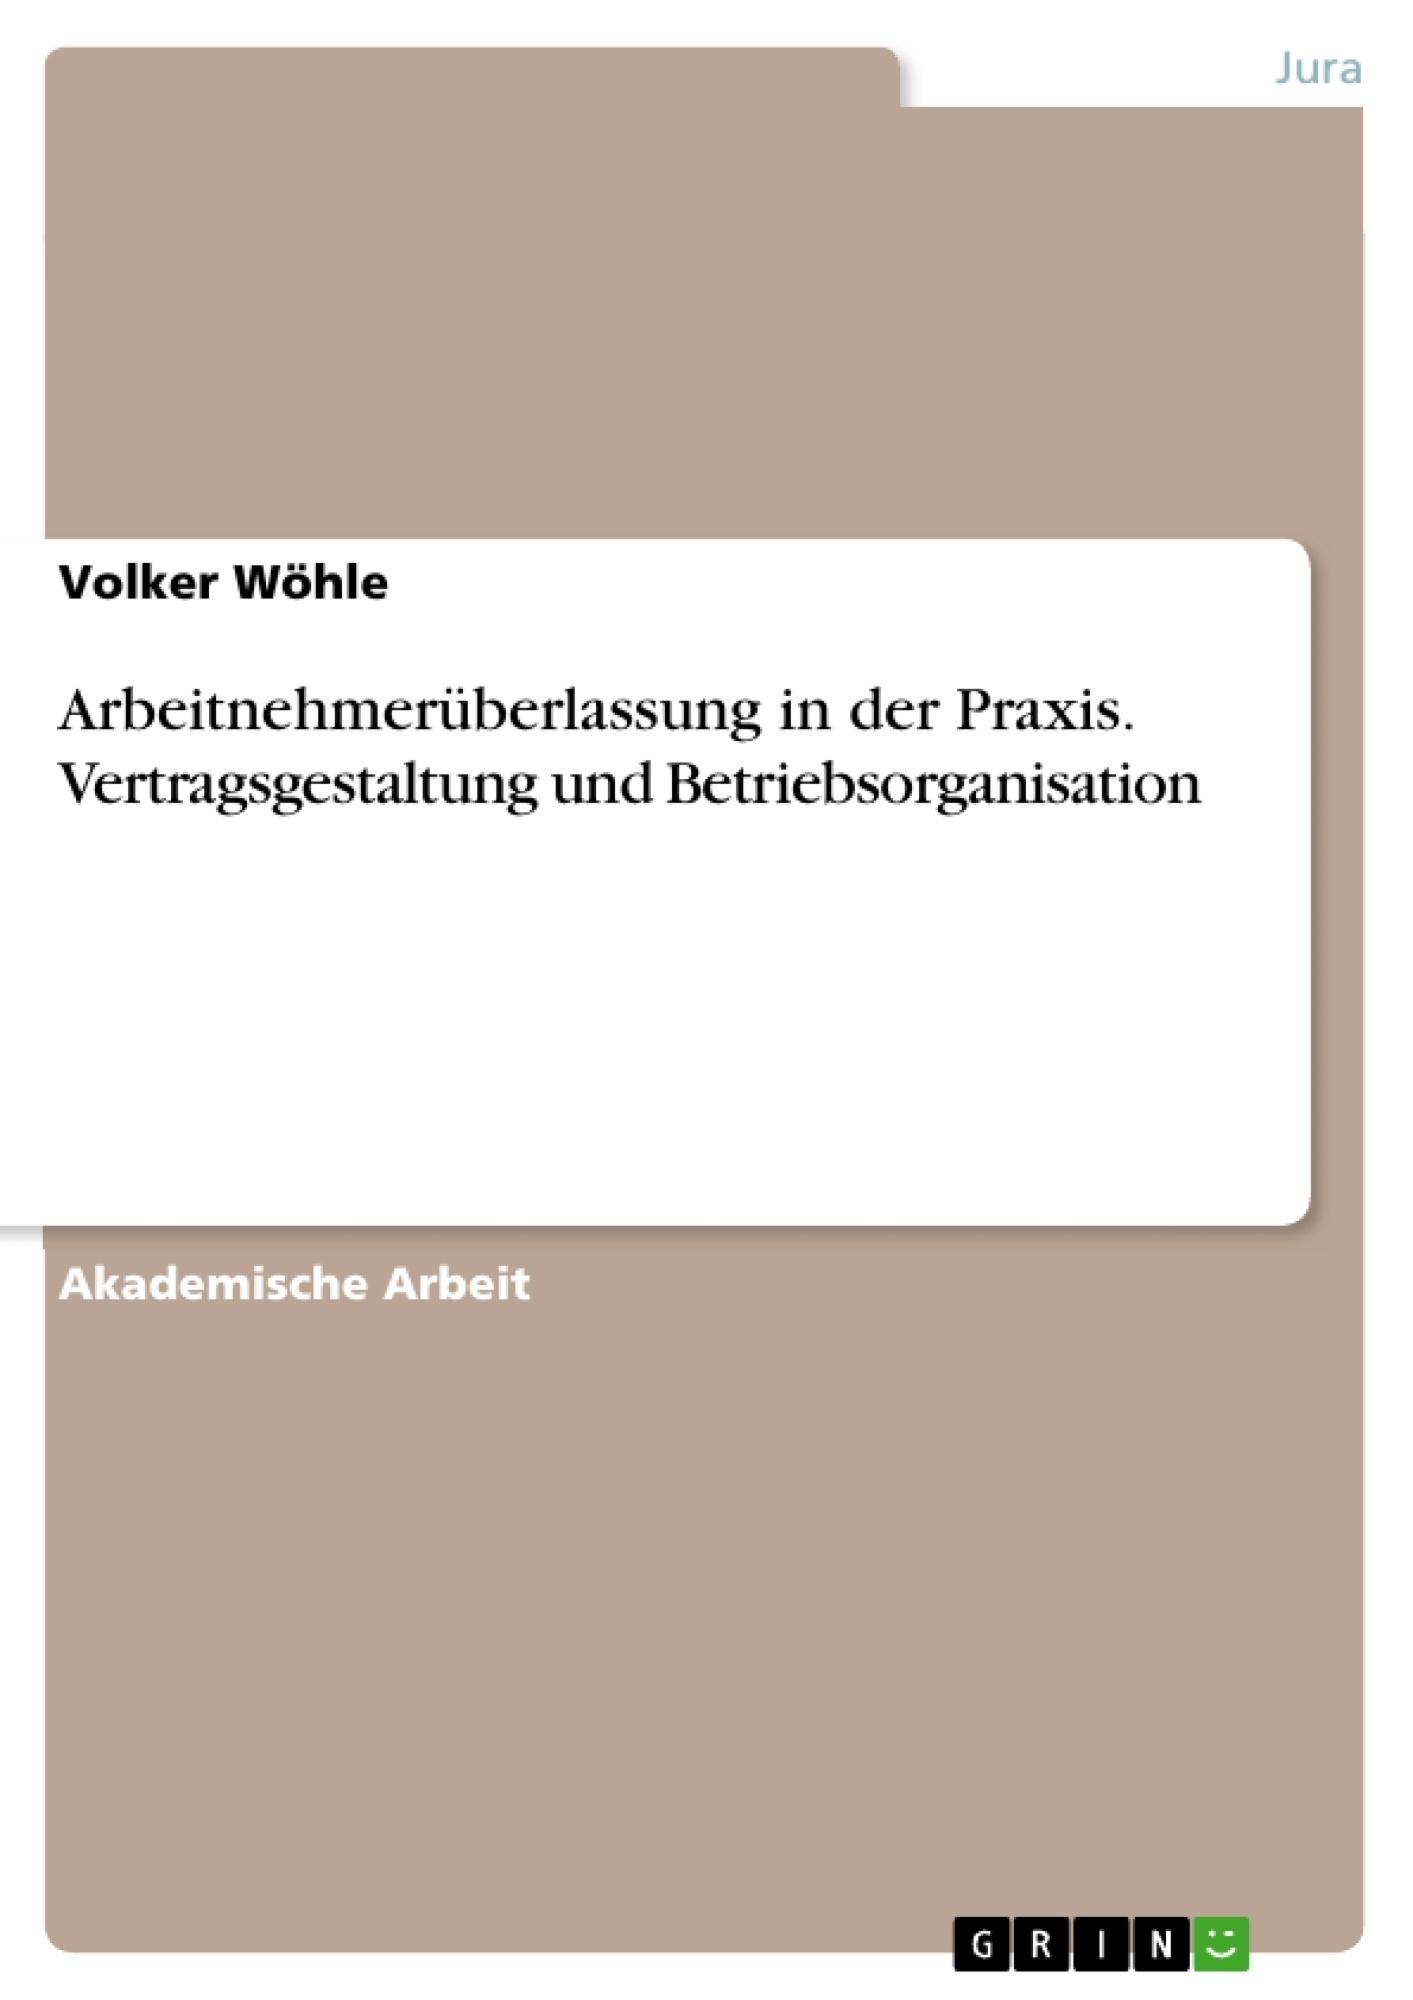 Titel: Arbeitnehmerüberlassung in der Praxis. Vertragsgestaltung und Betriebsorganisation